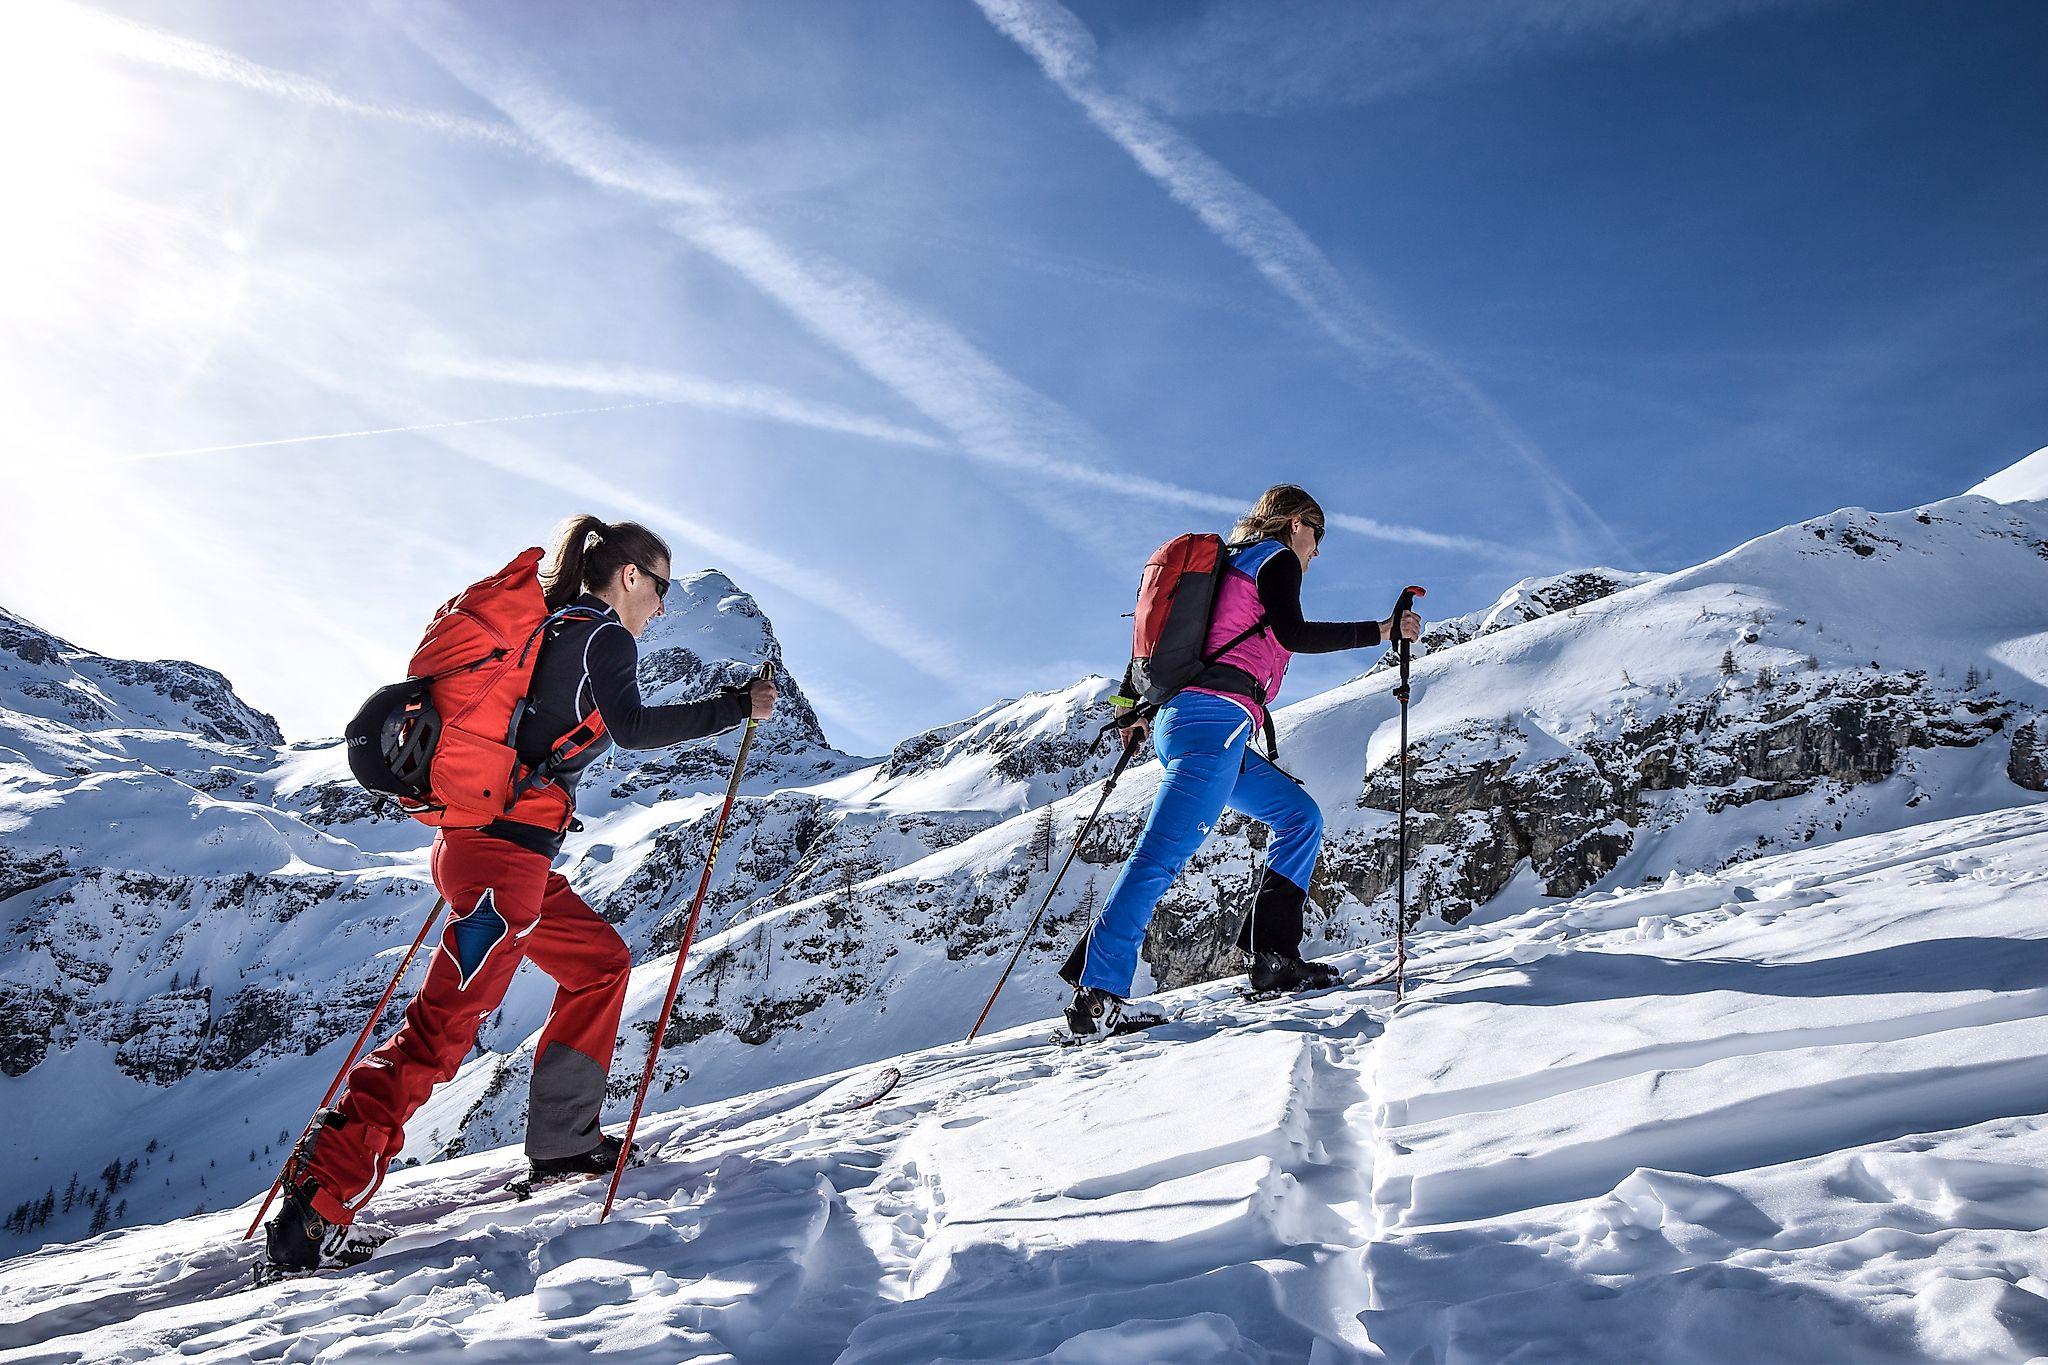 <p>Geniale Skitour aufs Liebeseck - jede Menge Abwechslung beim Aufstieg</p>